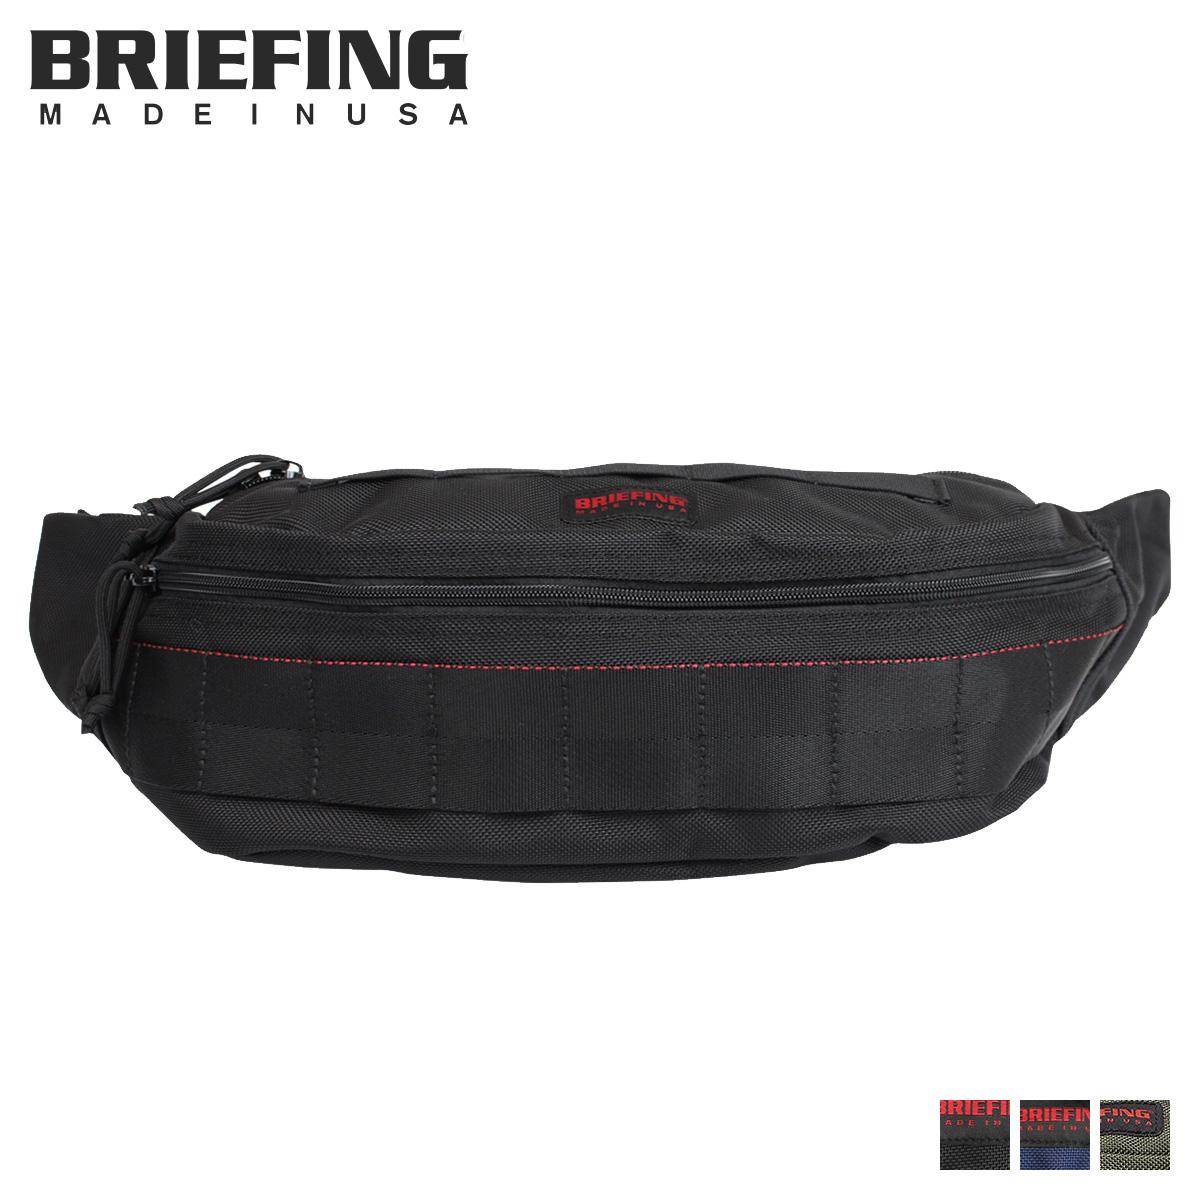 BRIEFING ブリーフィング ボディバッグ ウエストバッグ メンズ MASTER POD ブラック 黒 ネイビー BRF225219